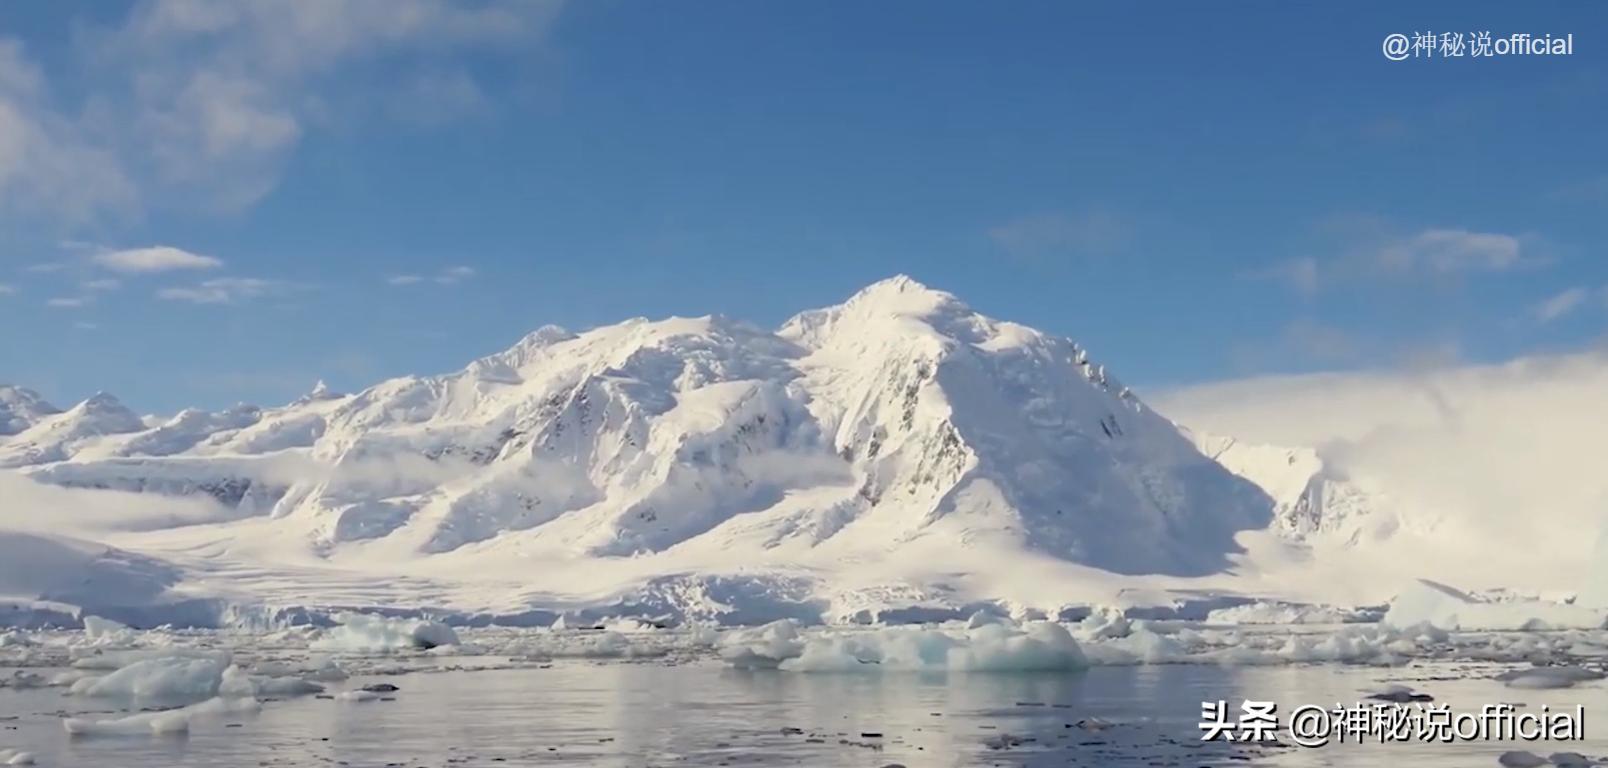 南極不為人知的秘密,冰下傳來神秘信號,納粹基地重見天日?